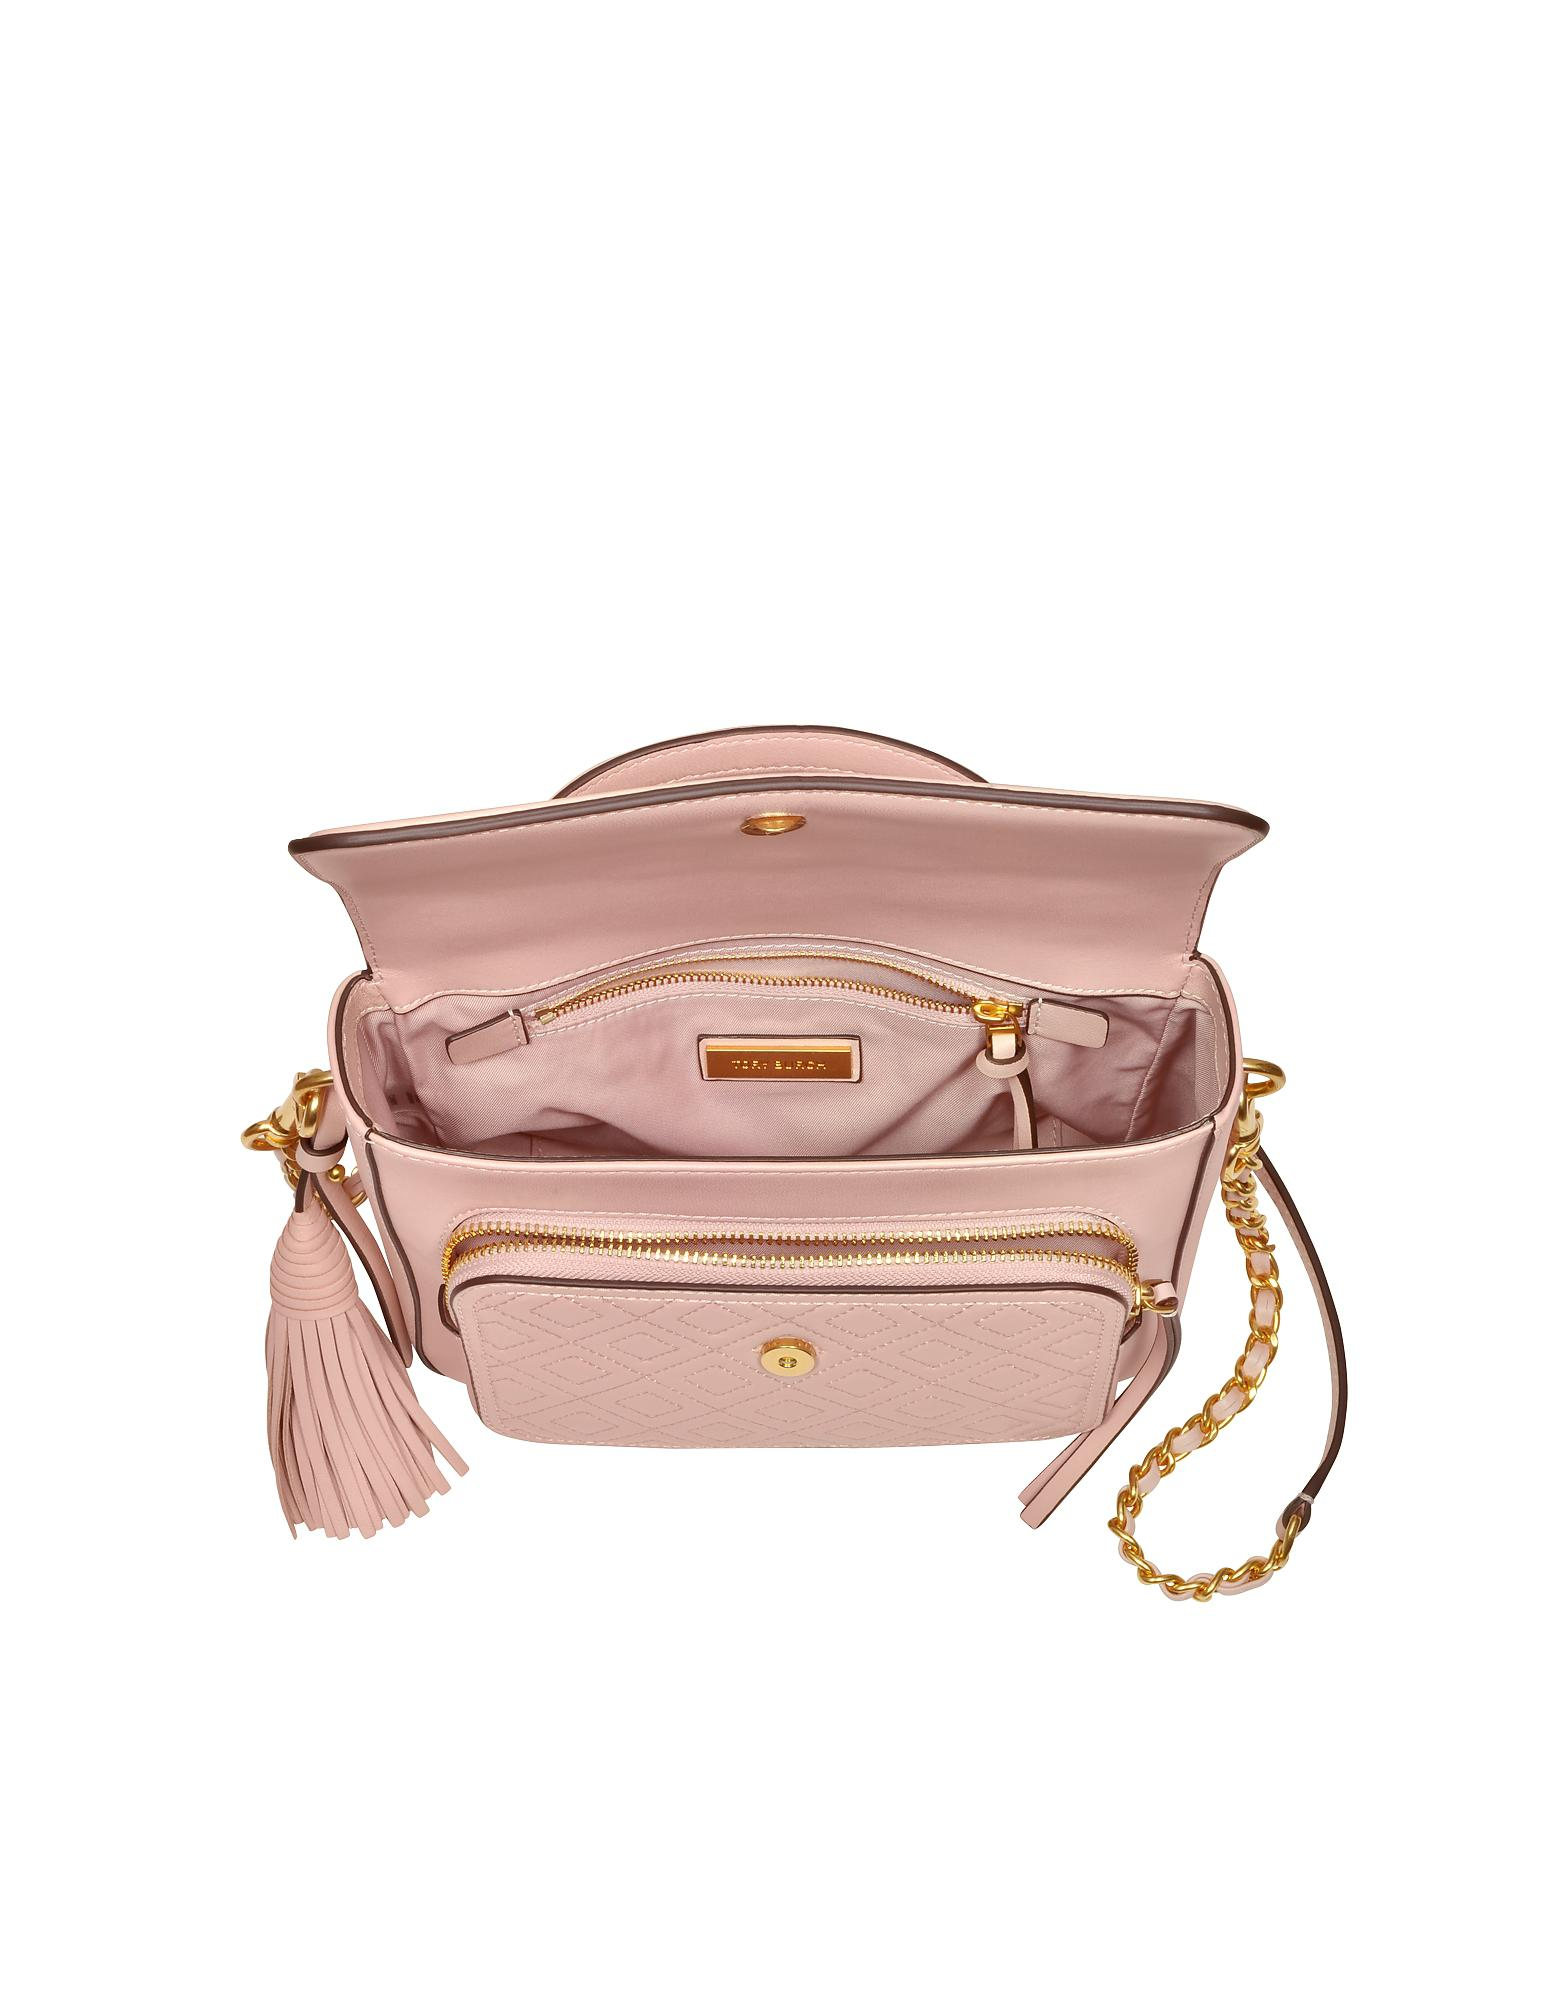 07efbaf57292 Tory Burch Shell Pink Fleming Leather Satchel Bag W shoulder Strap ...